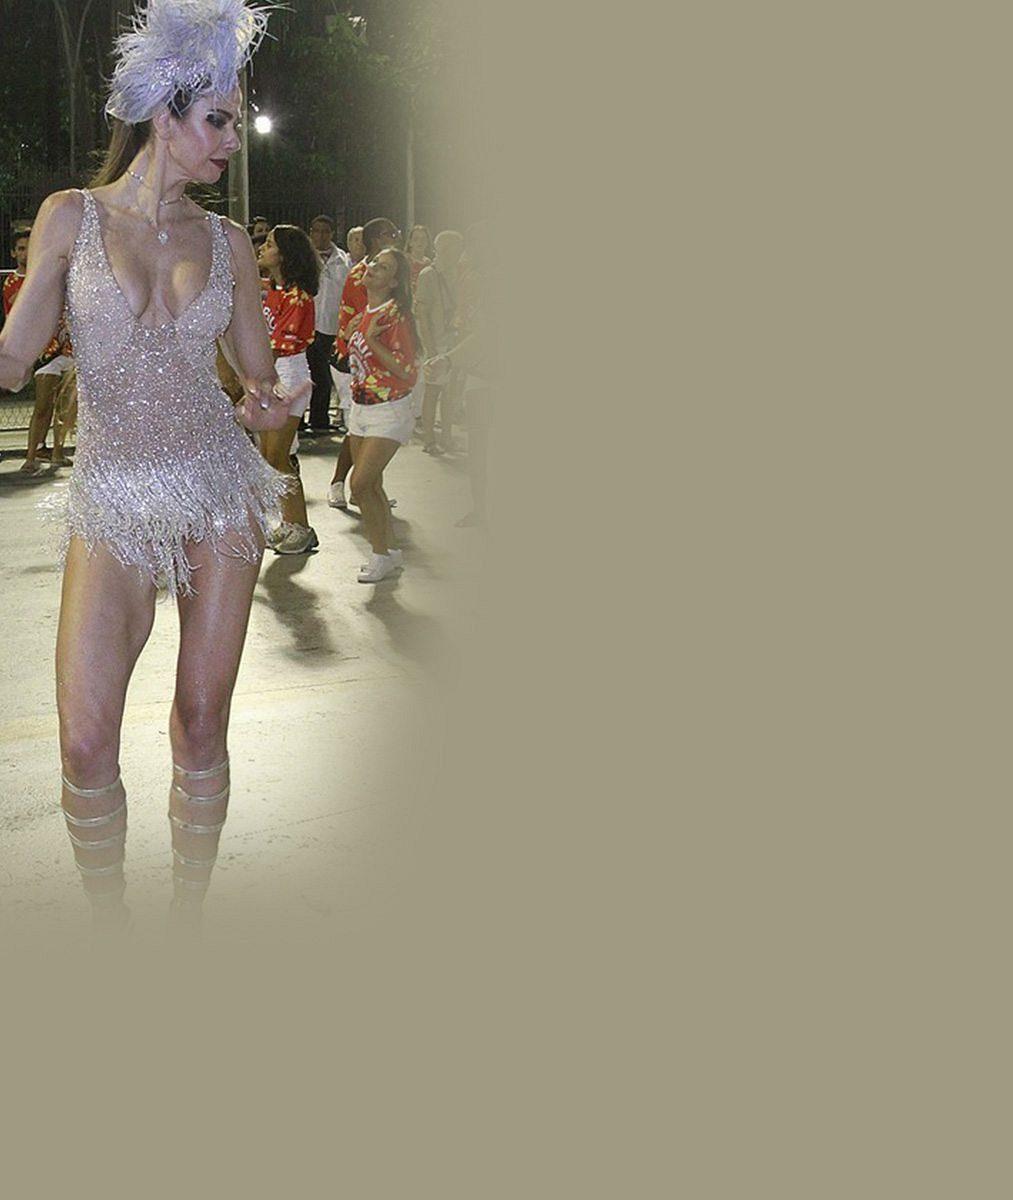 Páni! Matka syna Micka Jaggera (47) rozvlnila své božské křivky na karnevalu vRiu